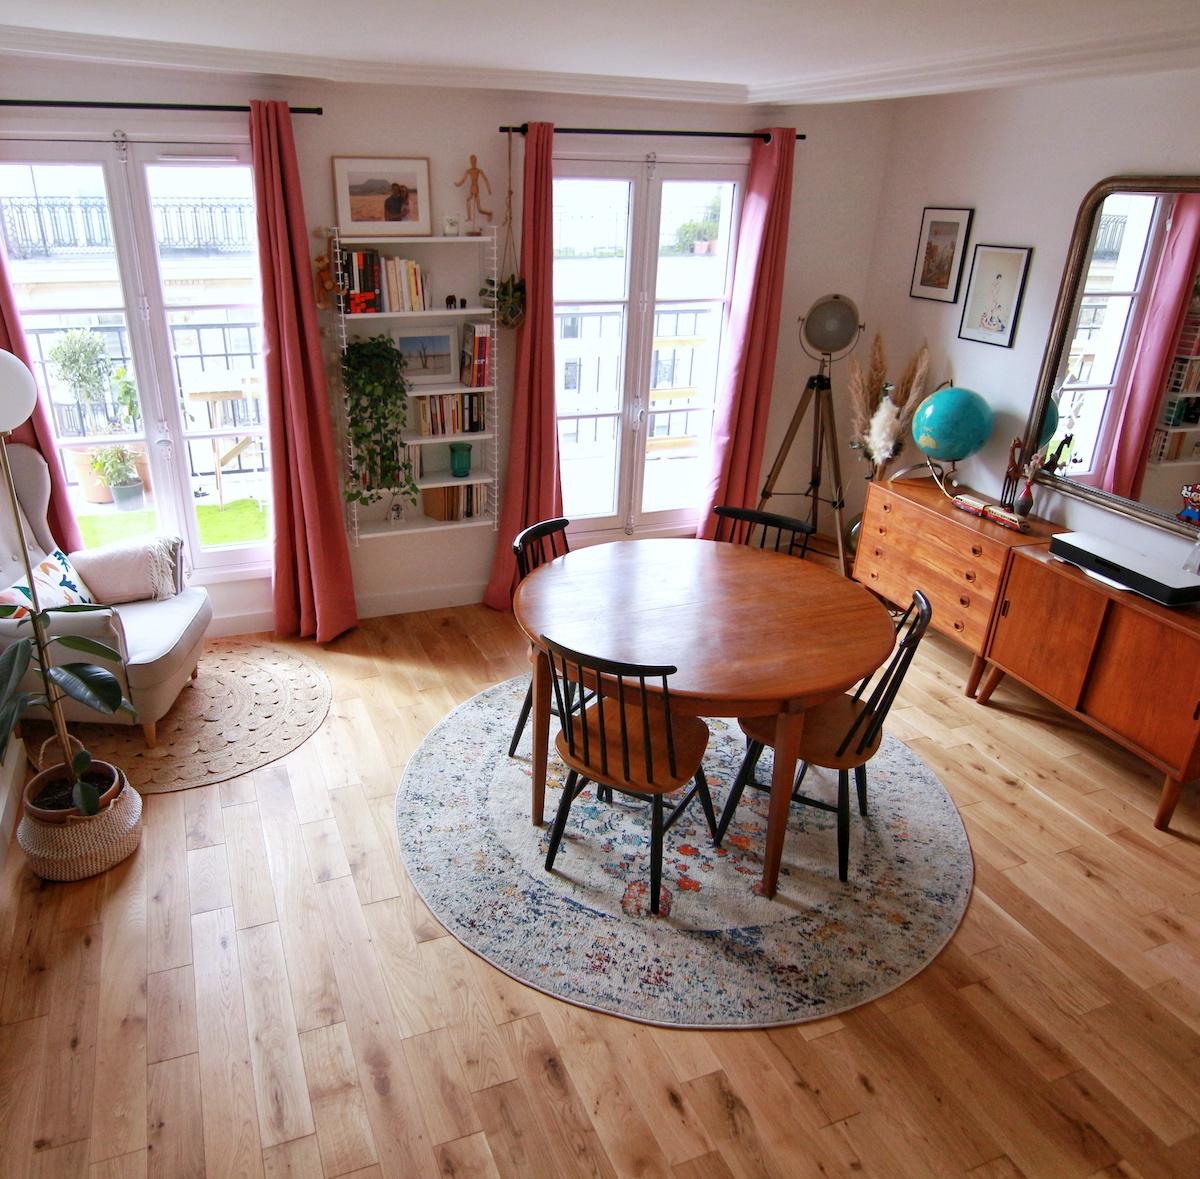 salon duplex parisien parquet en bois style vintage rétro